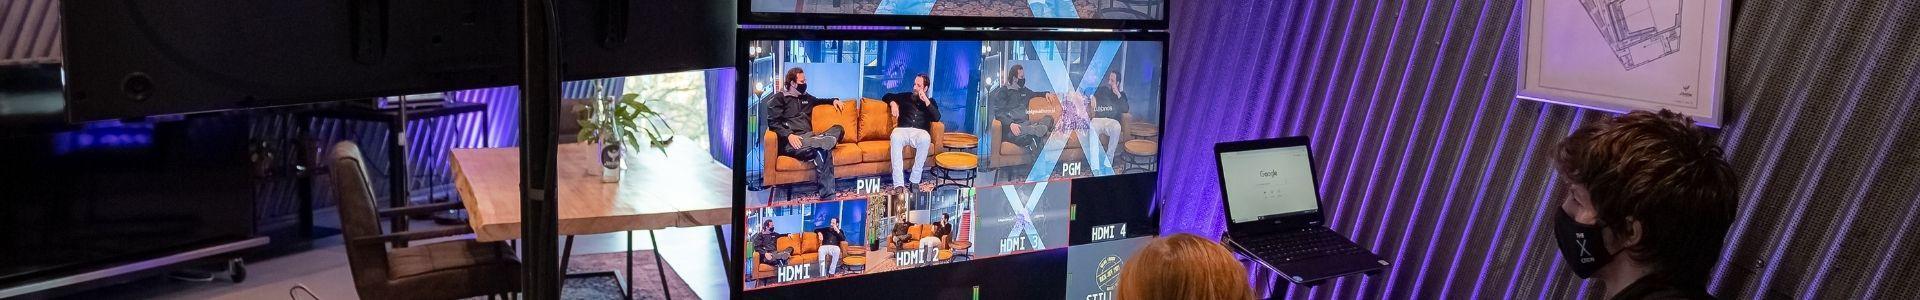 De vorstin livestream studio 1